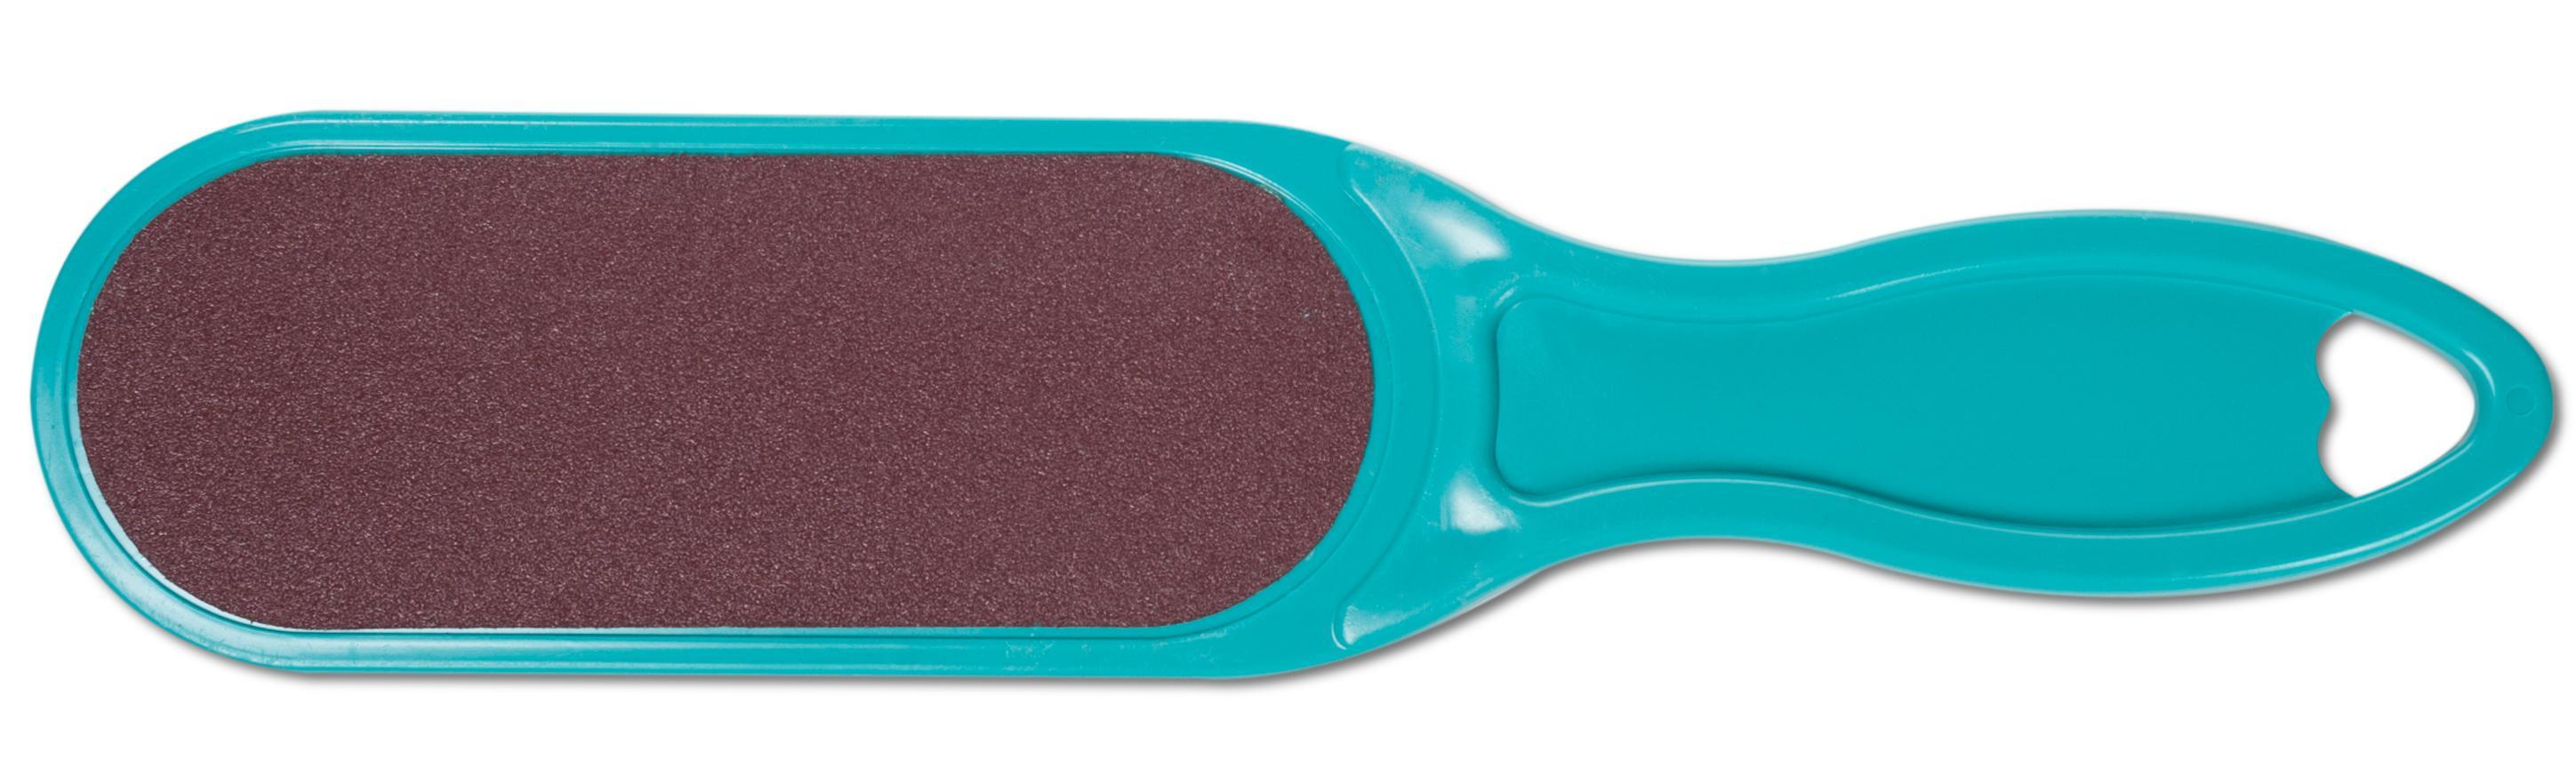 DOMIX Терка абразивная педикюрная двусторонняя с пластиковой ручкой, бирюзовый